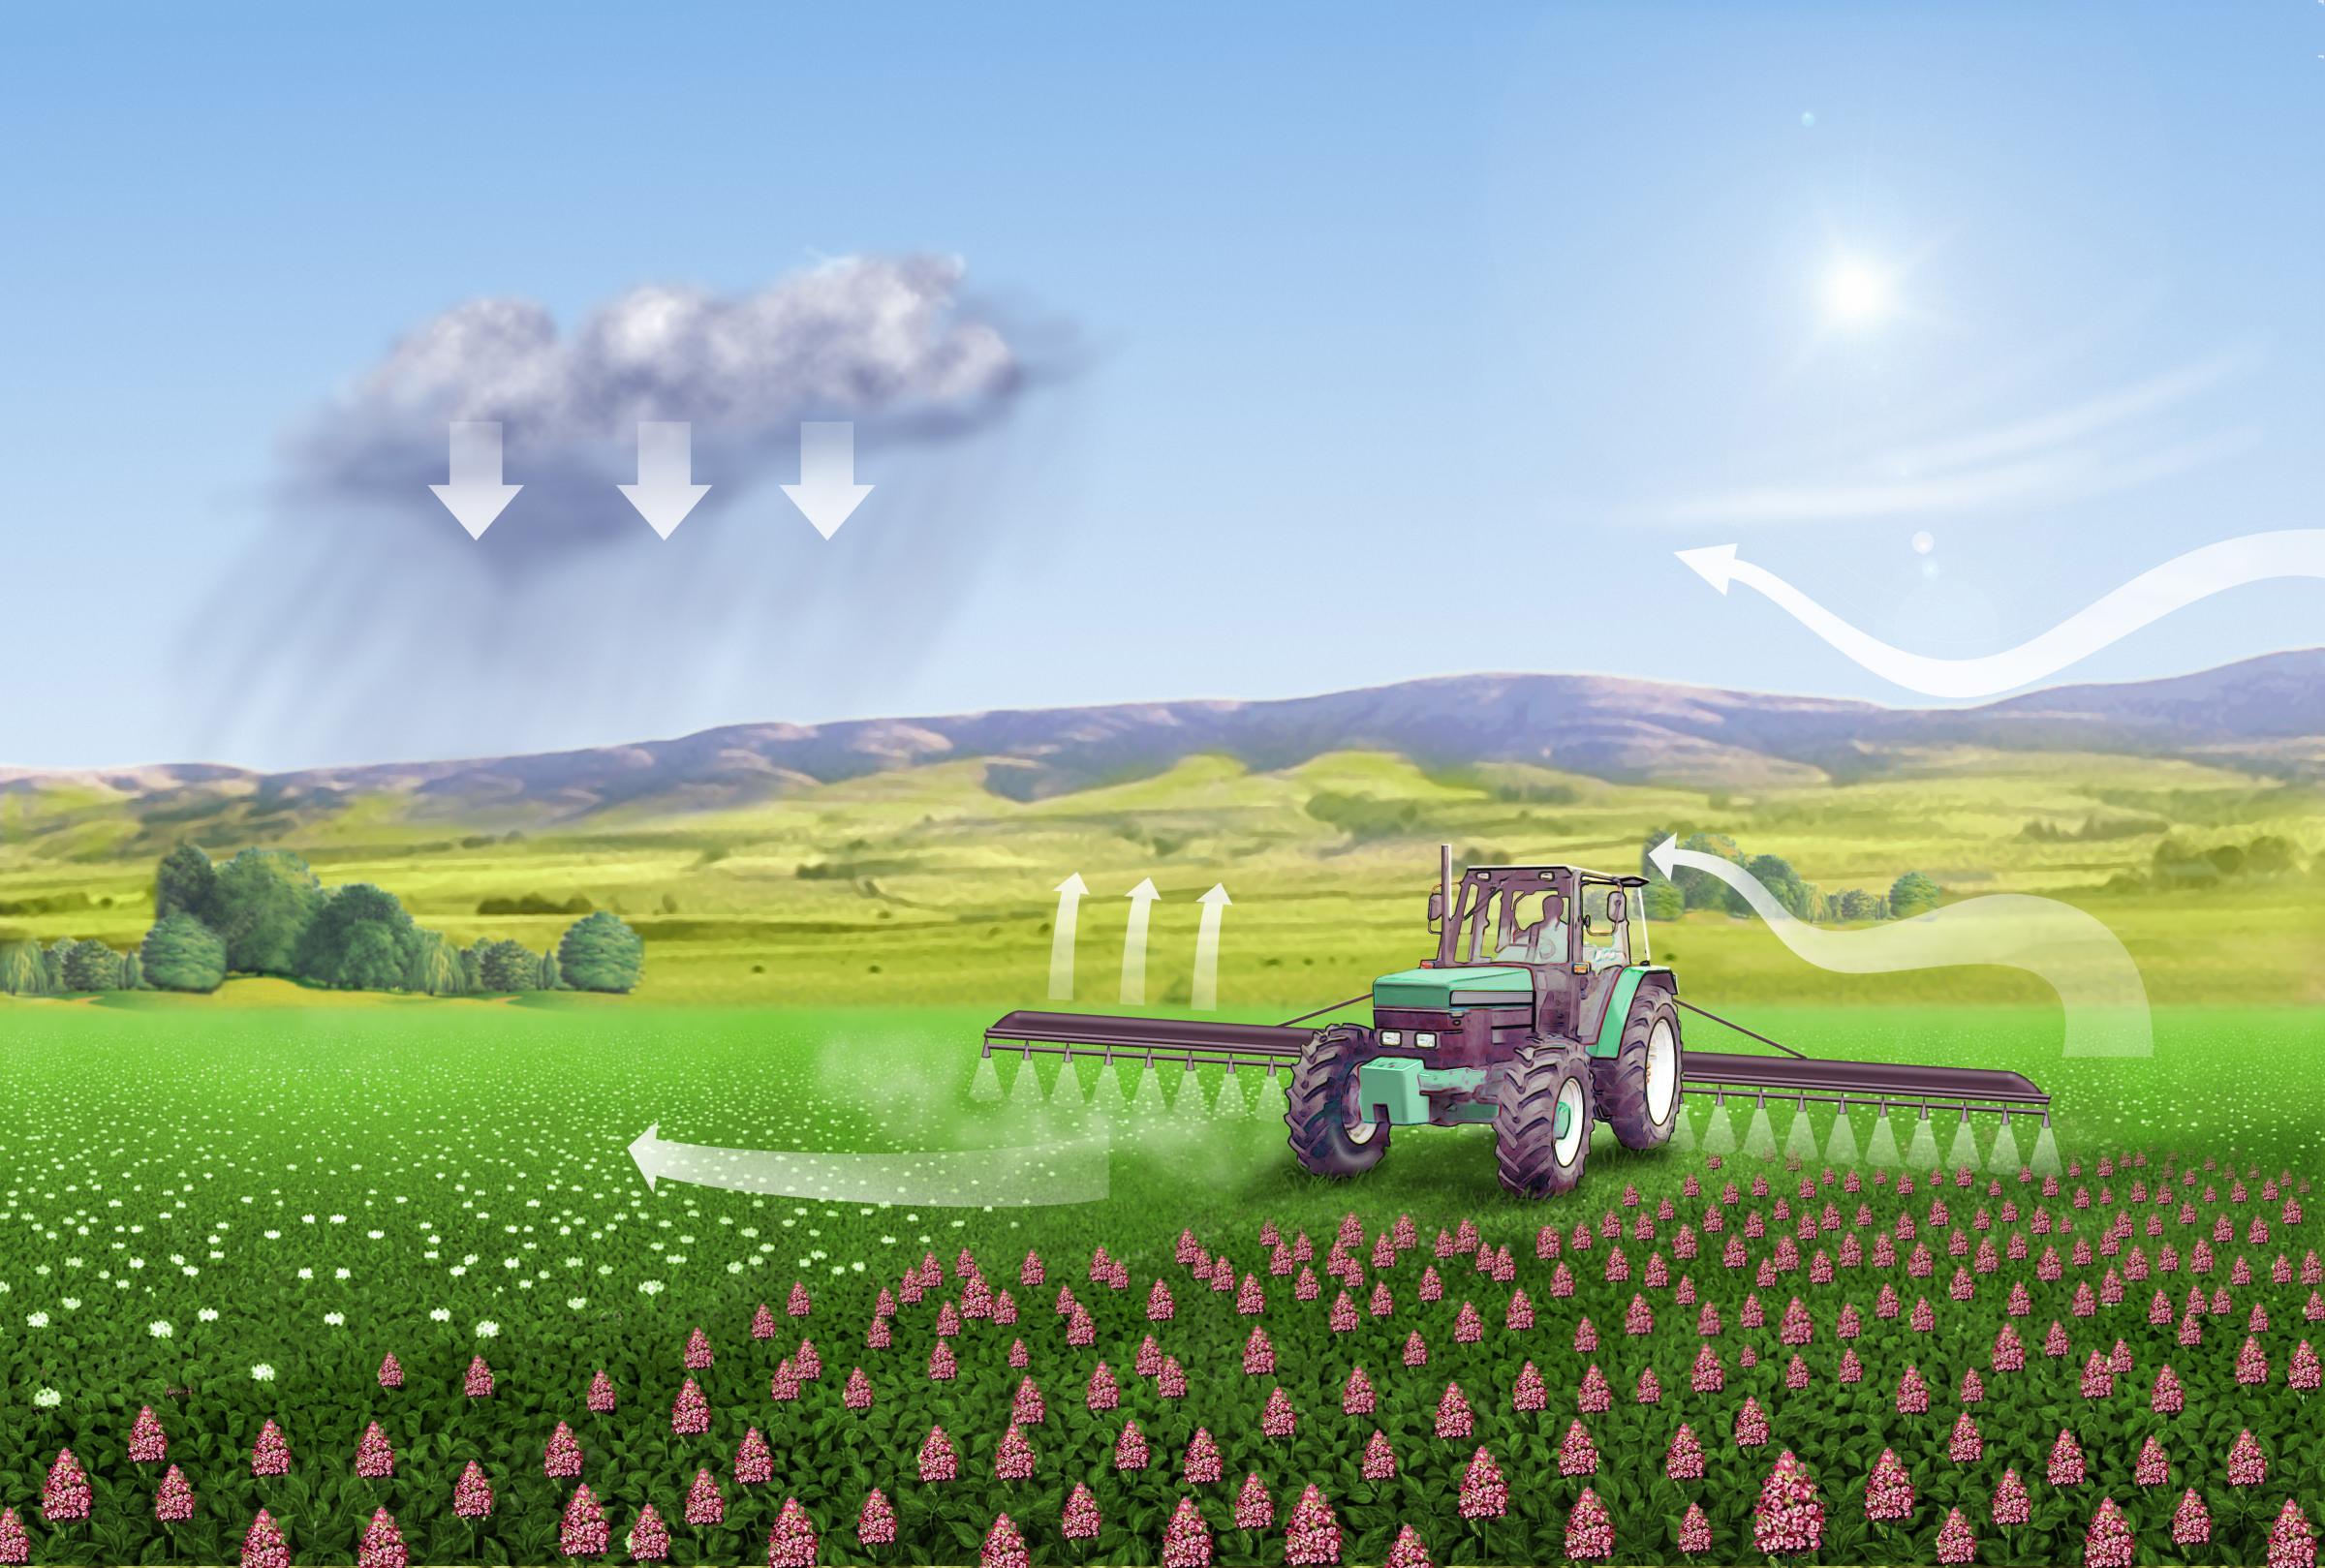 L'agricoltura biologica non può sfamare l'umanità